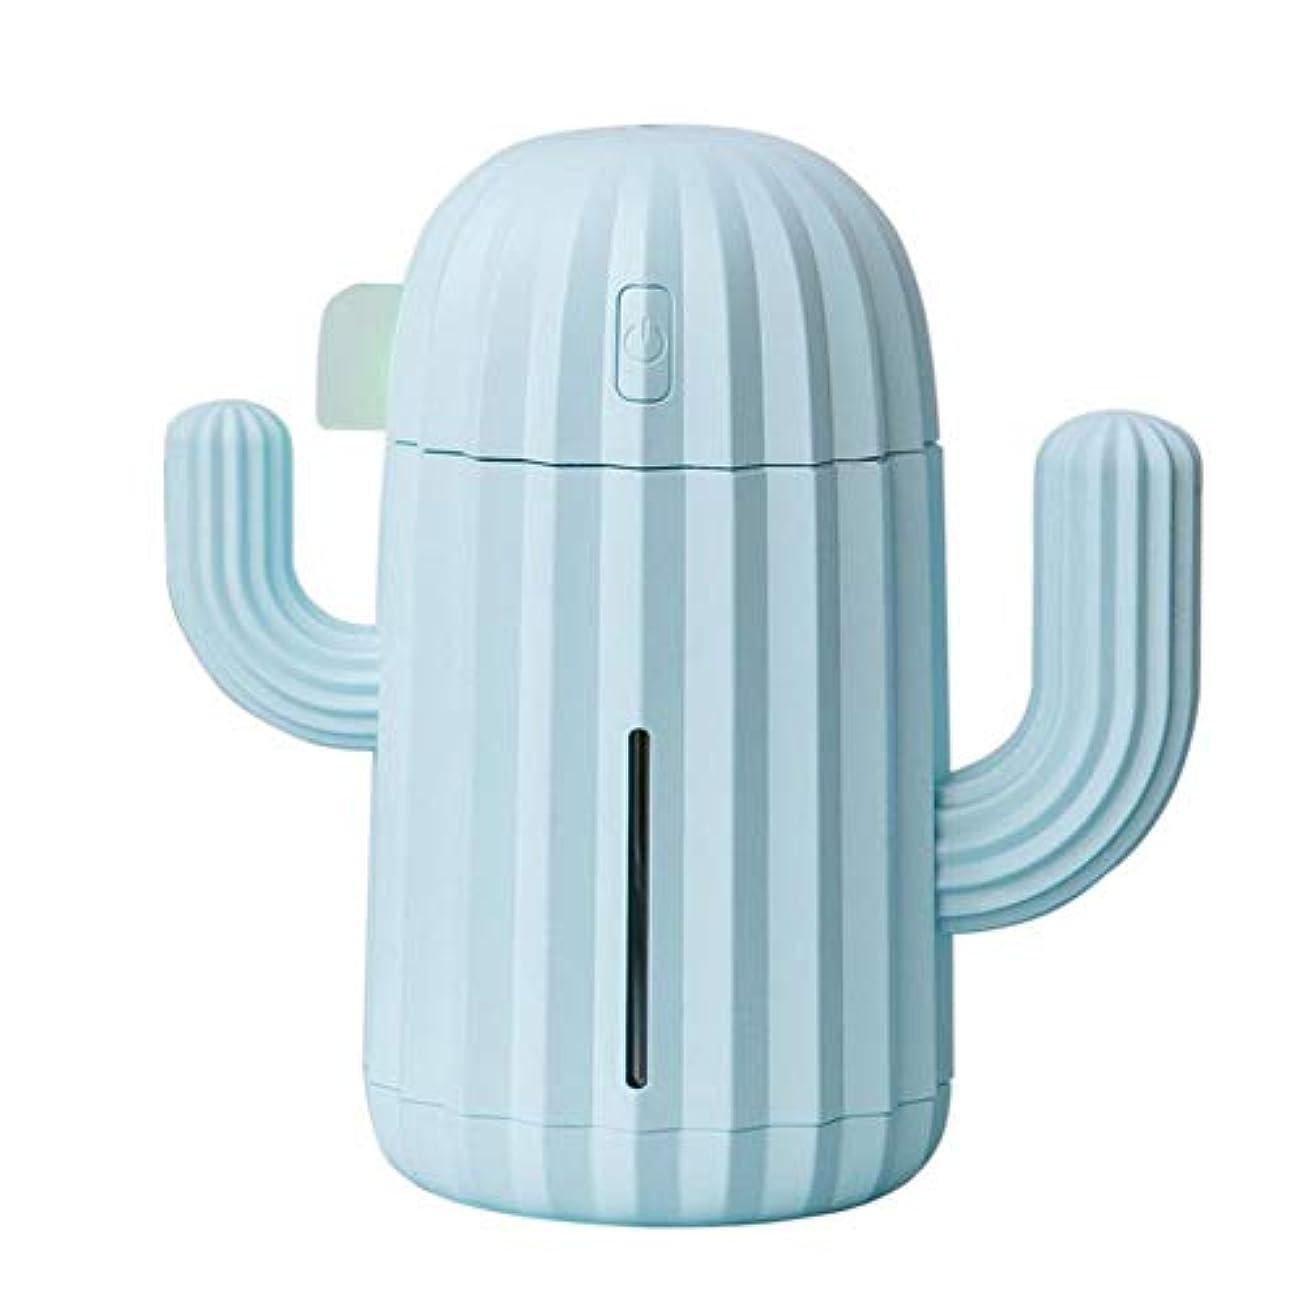 コンテンツ低い発火するアロマディフューザー 卓上加湿器 サボテン形 大容量 340ml USB充電式 ライト付き 間接照明 部屋、会社、ヨガなど場所適用 3色選べる Styleshow